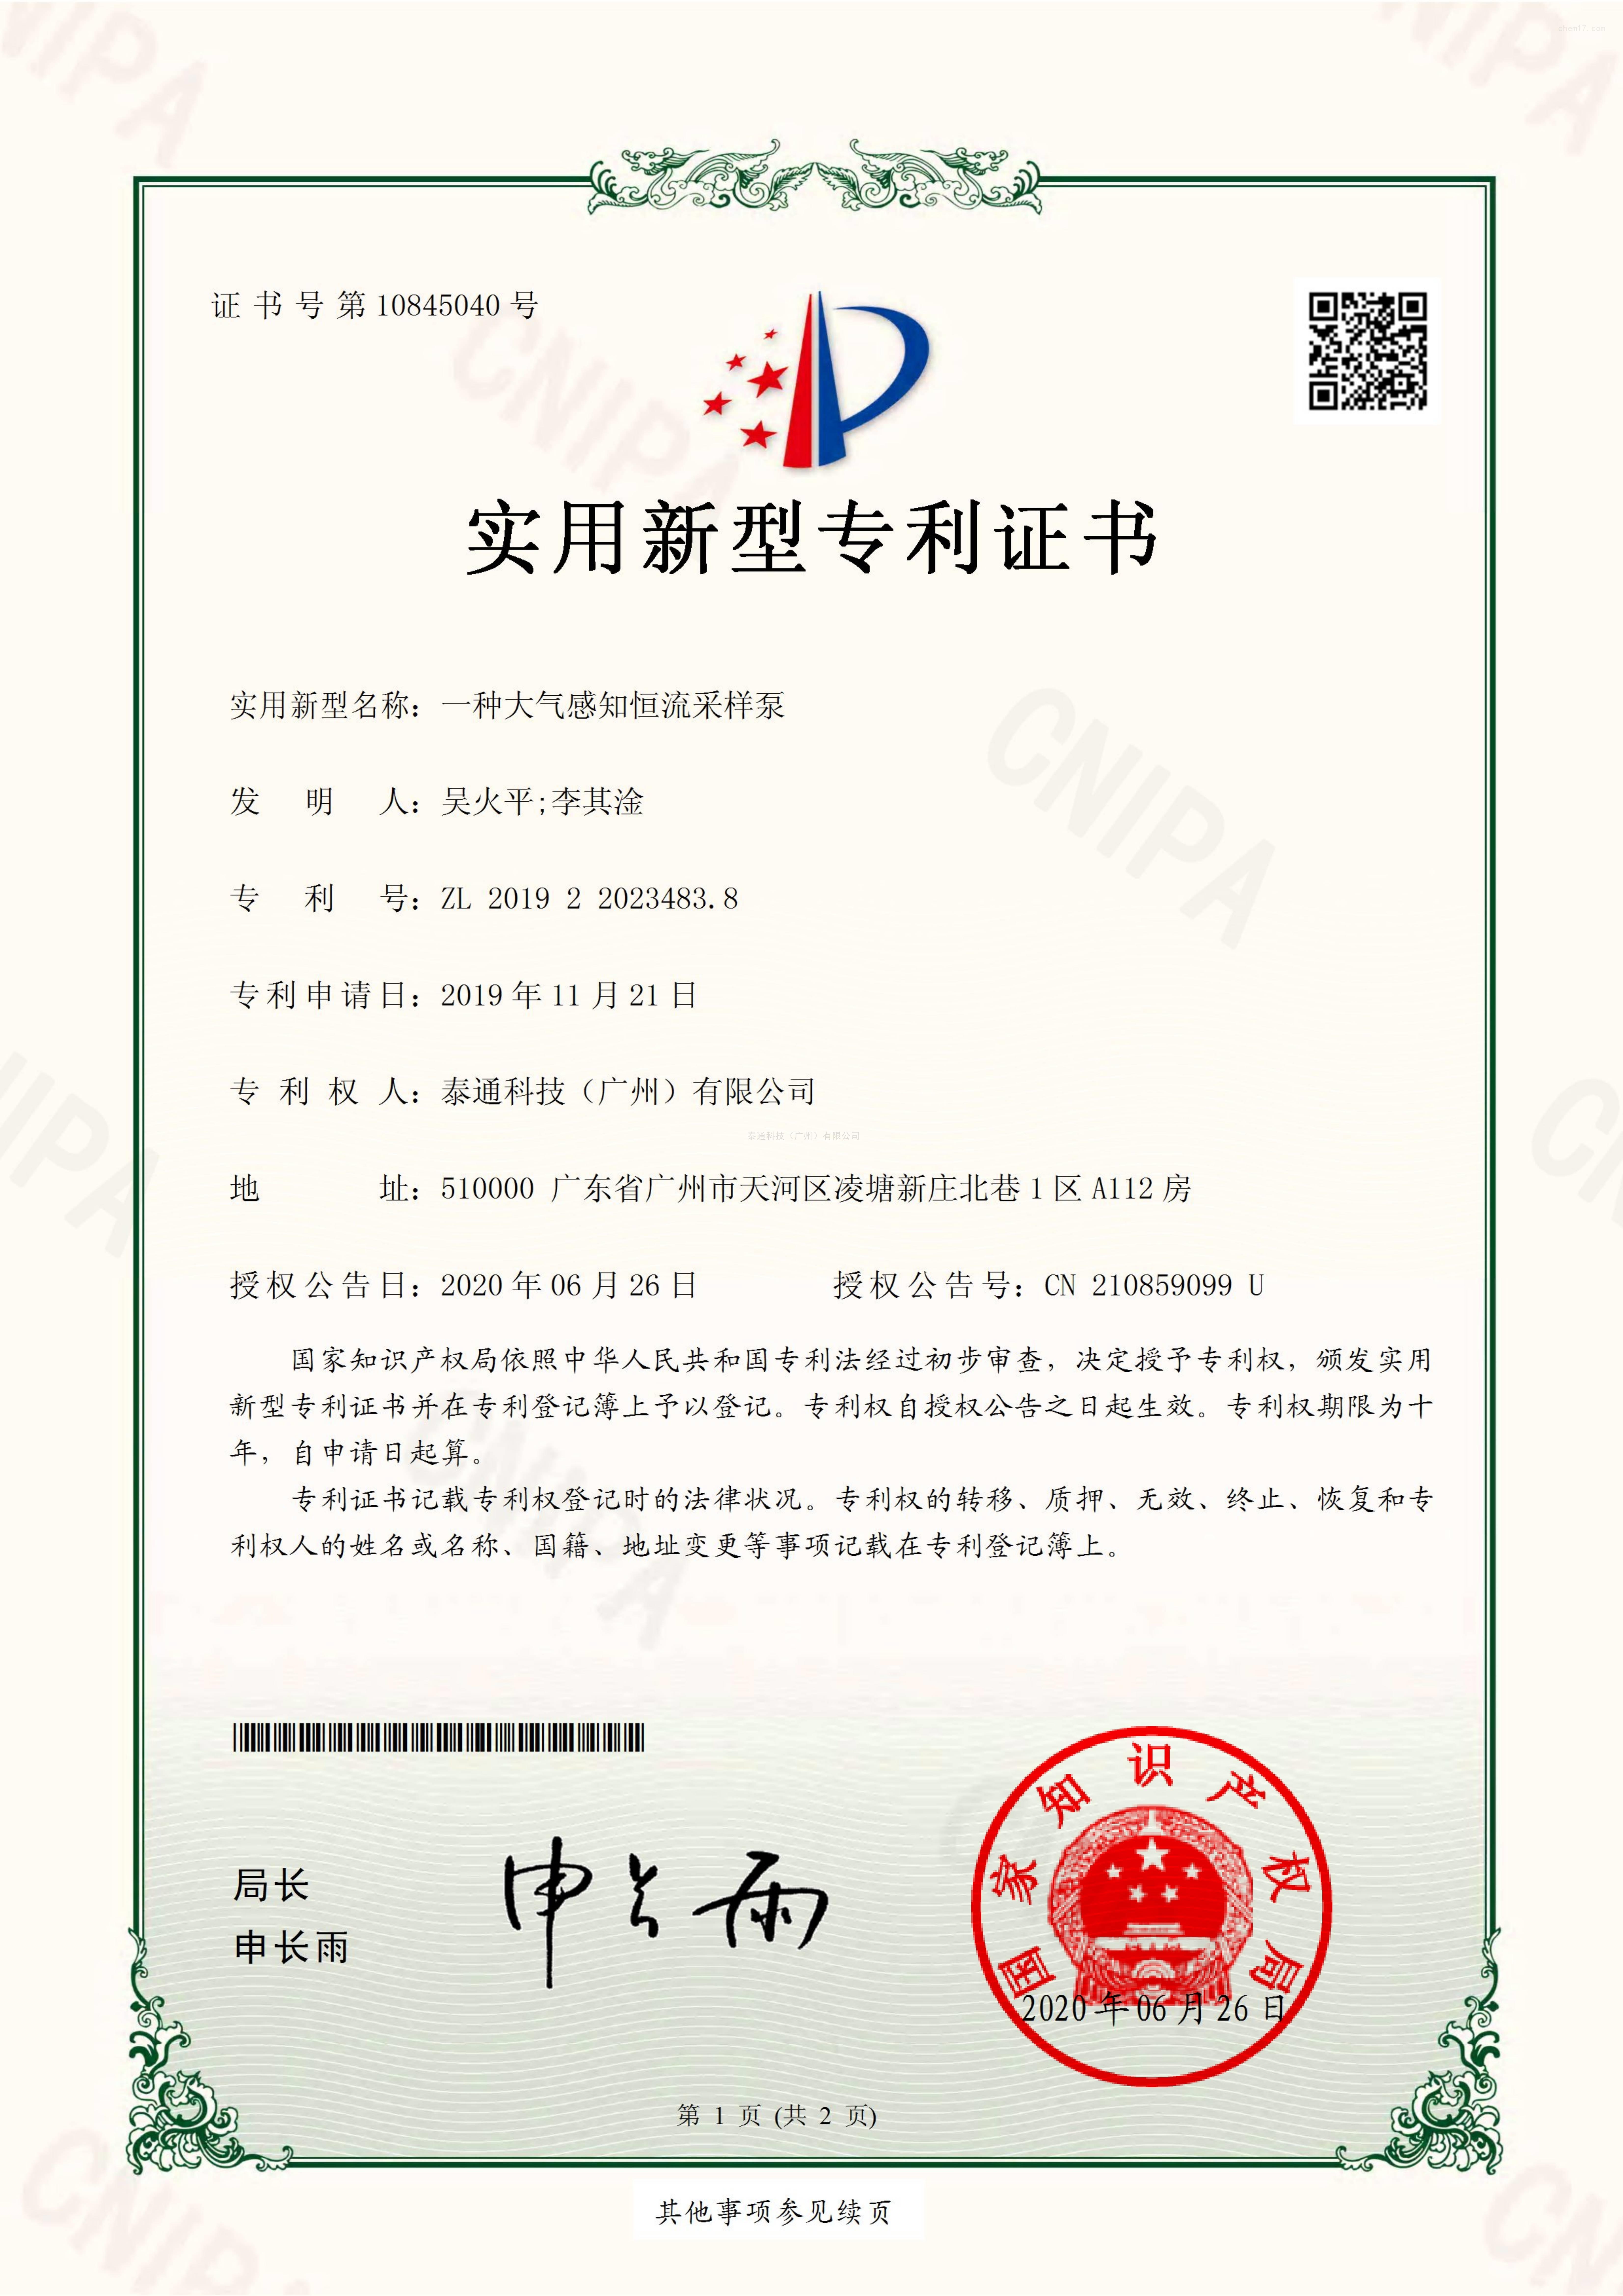 实用新型证书-一种大气感知恒流采样泵证书